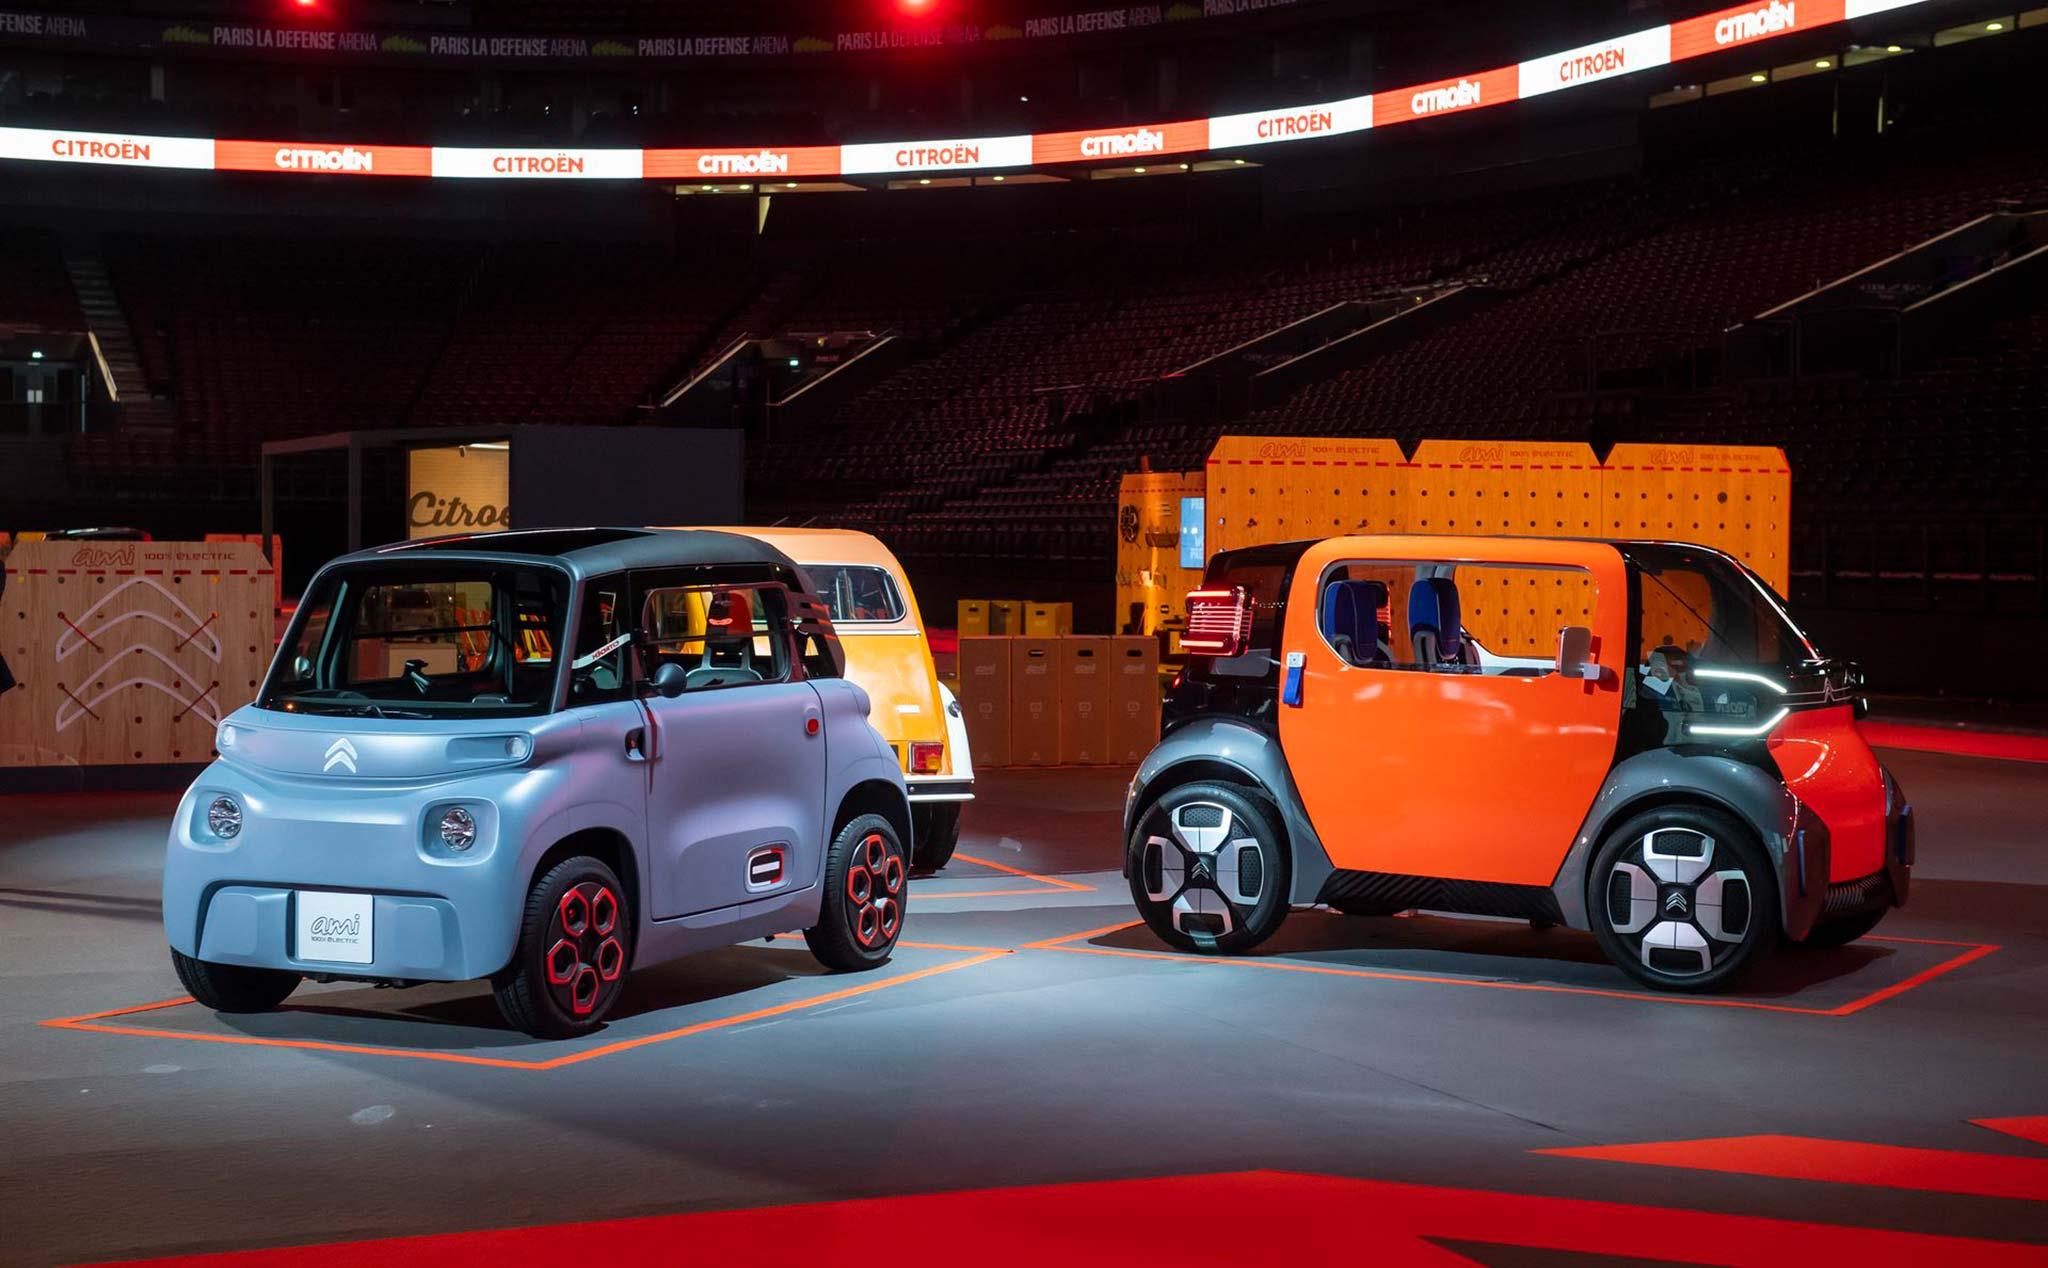 Citroën Ami - xe điện của tương lai: sạc 1 lần chạy 70 cây số, giá 165 triệu